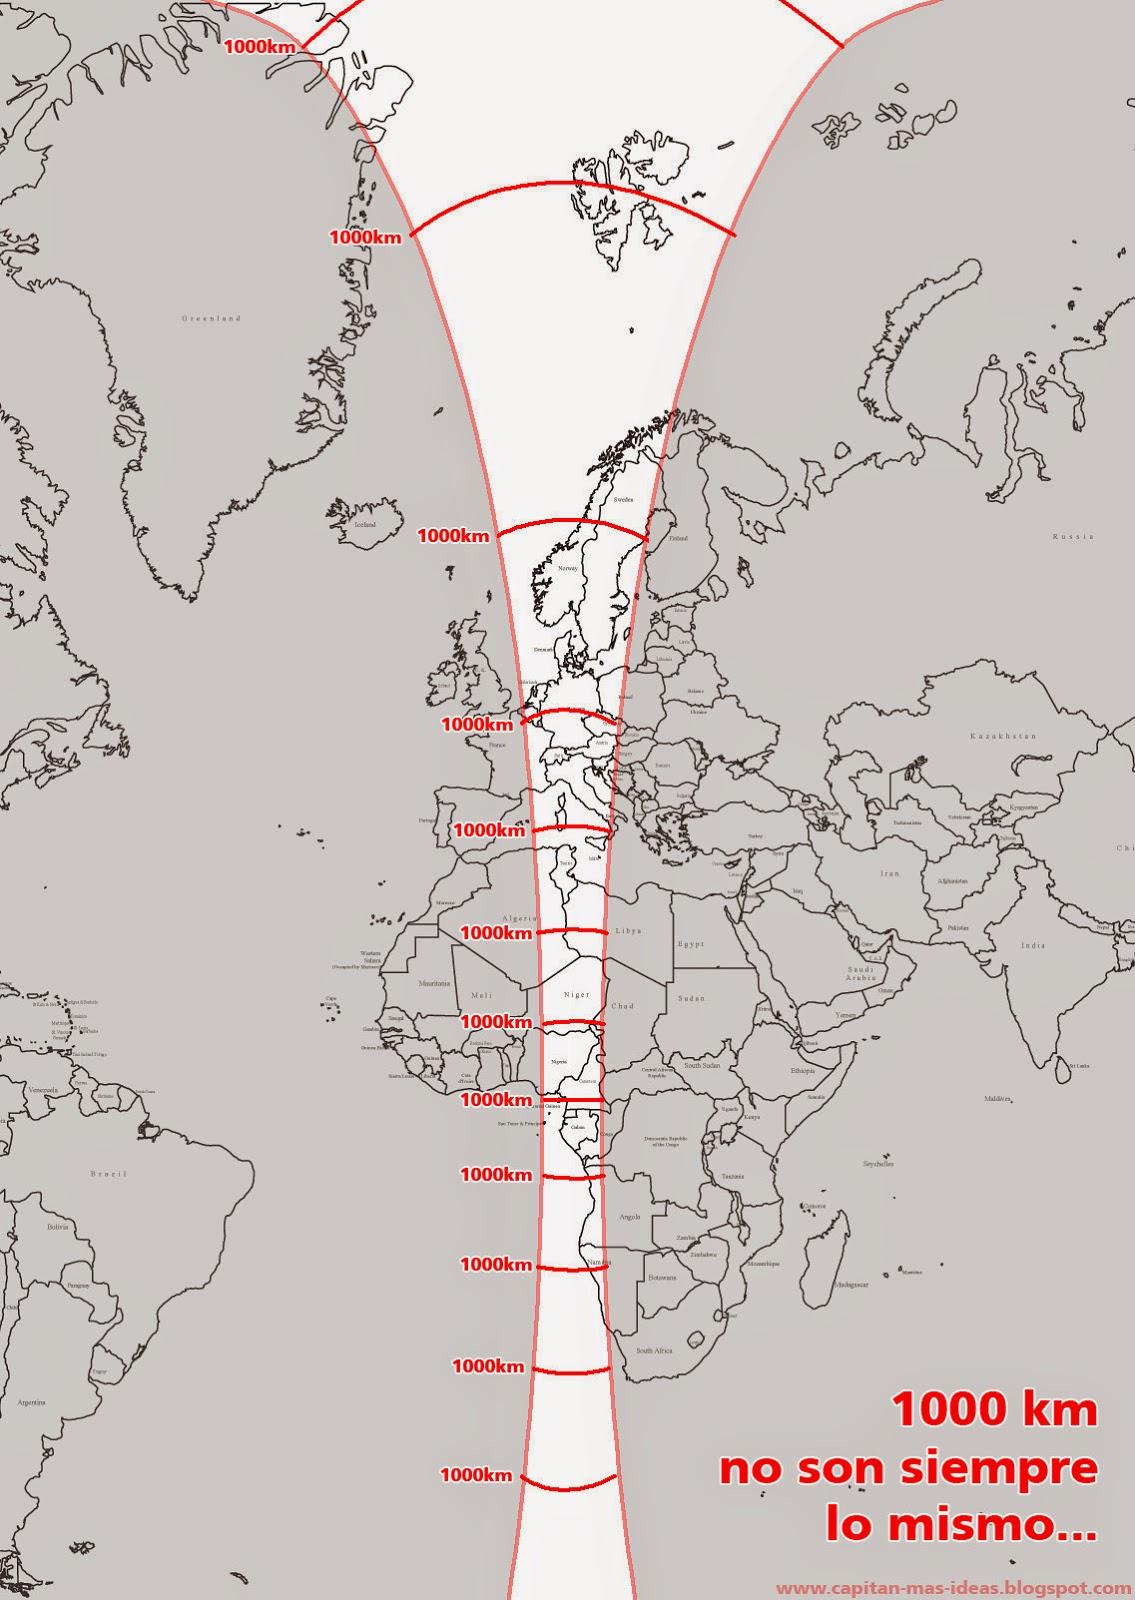 mapa de km 1.000 kilómetros en el mapa no son siempre lo mismo   Geografía  mapa de km